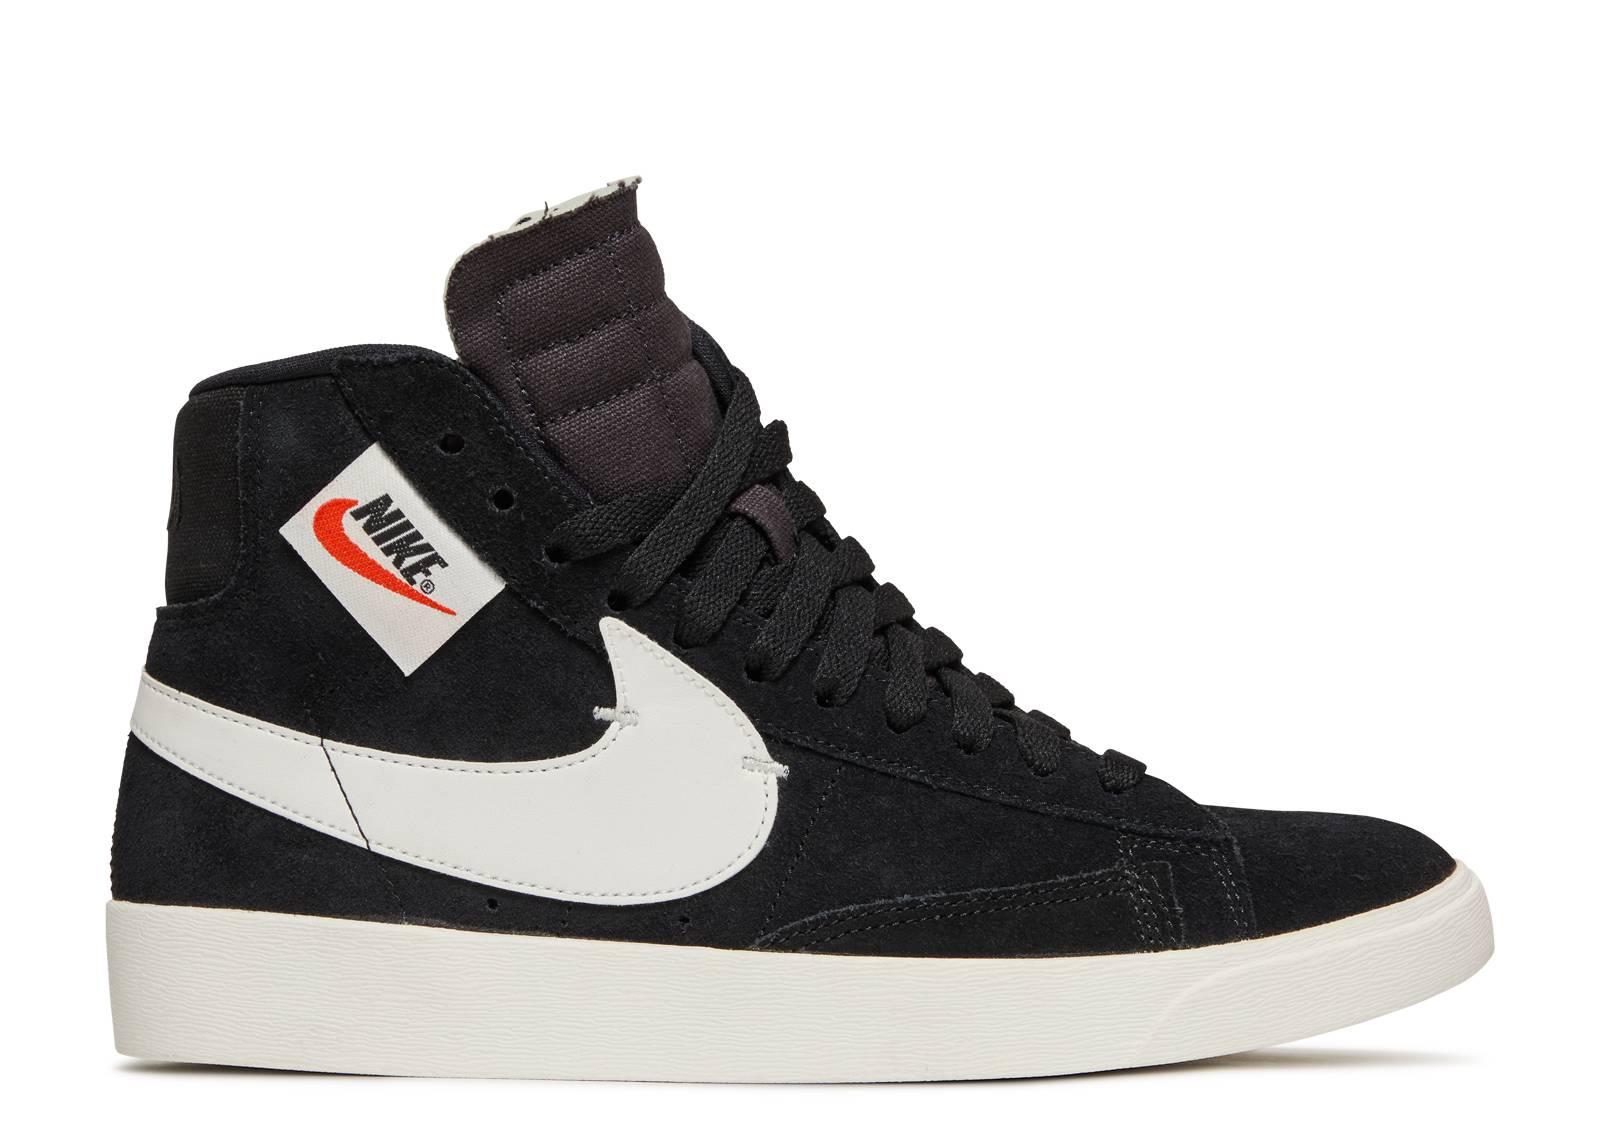 Nike Wmns Blazer Mid Rebel Xx - Nike - bq4022 001 - black/summit ...